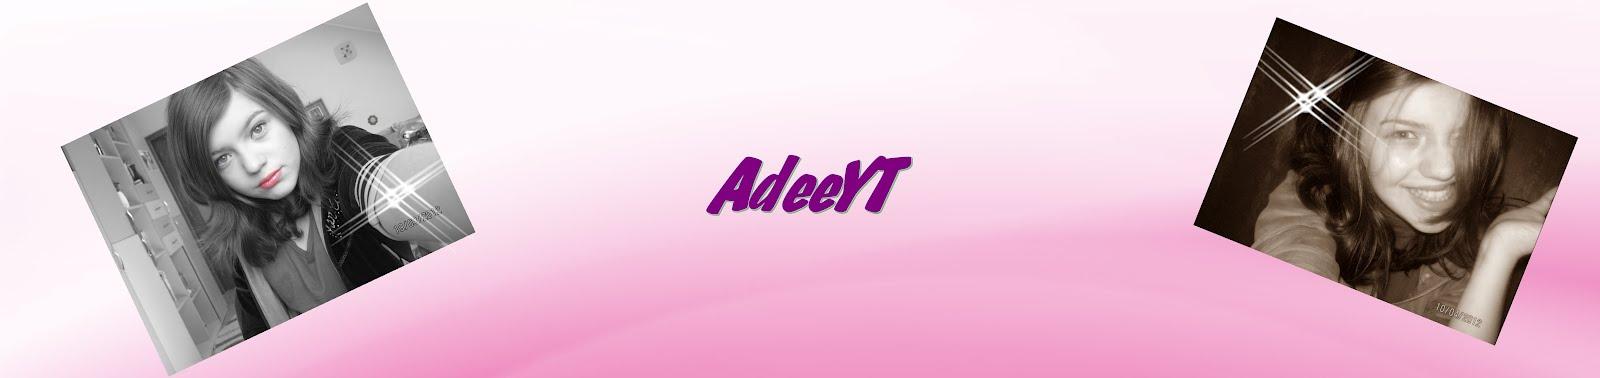 Adee YT